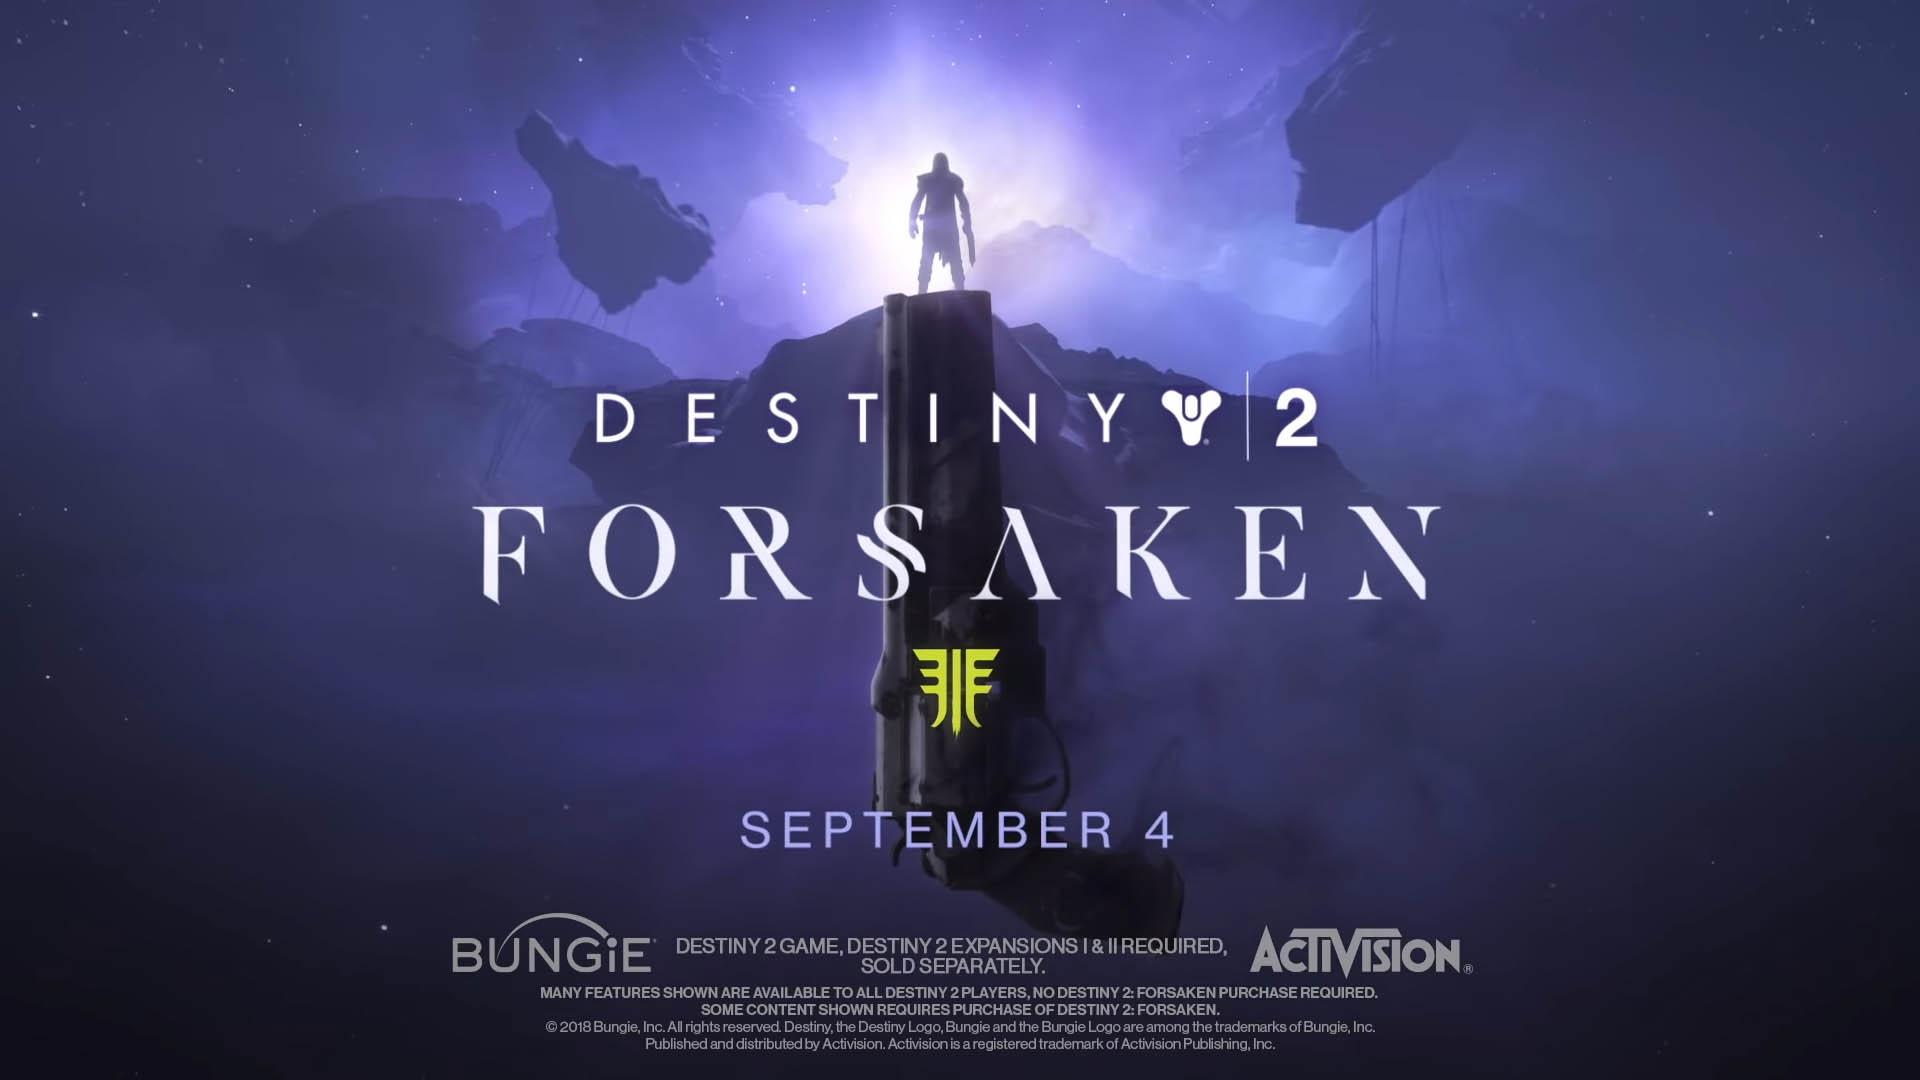 New Destiny 2 Forsaken Trailer Shows Off New Guns And Armor